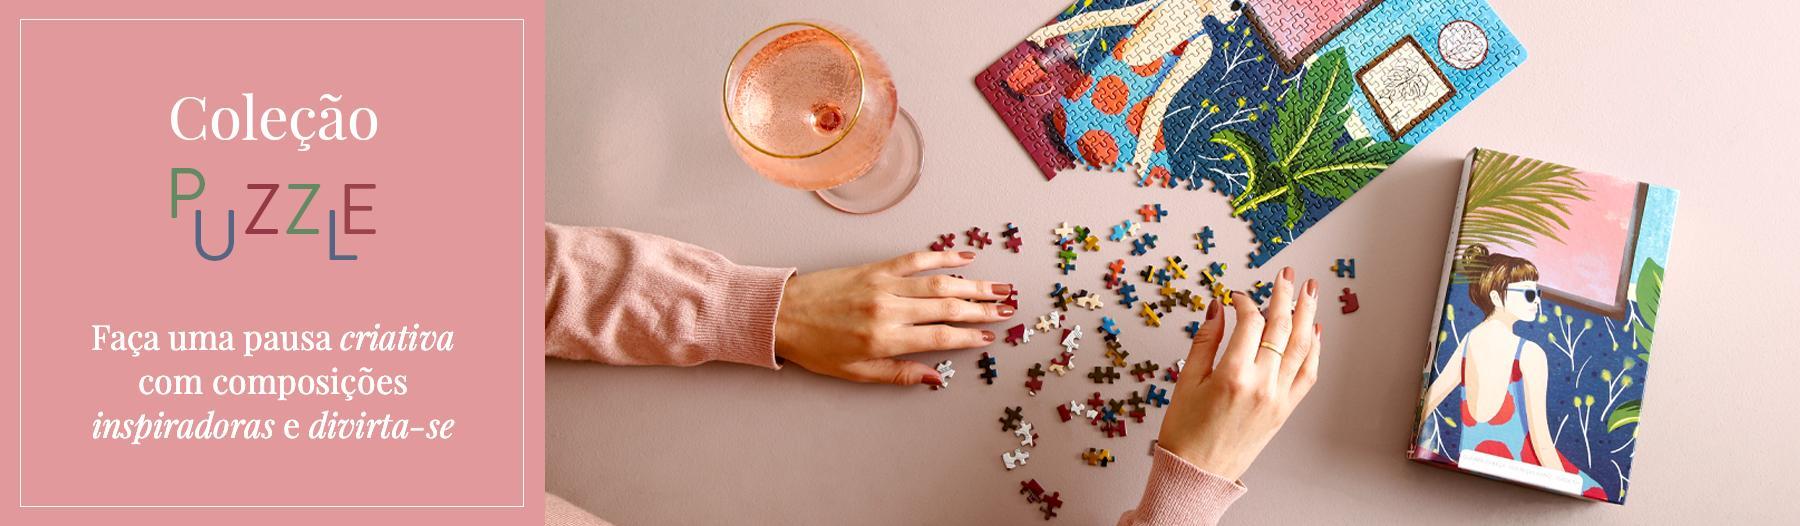 Coleção Puzzle   WestwingNow